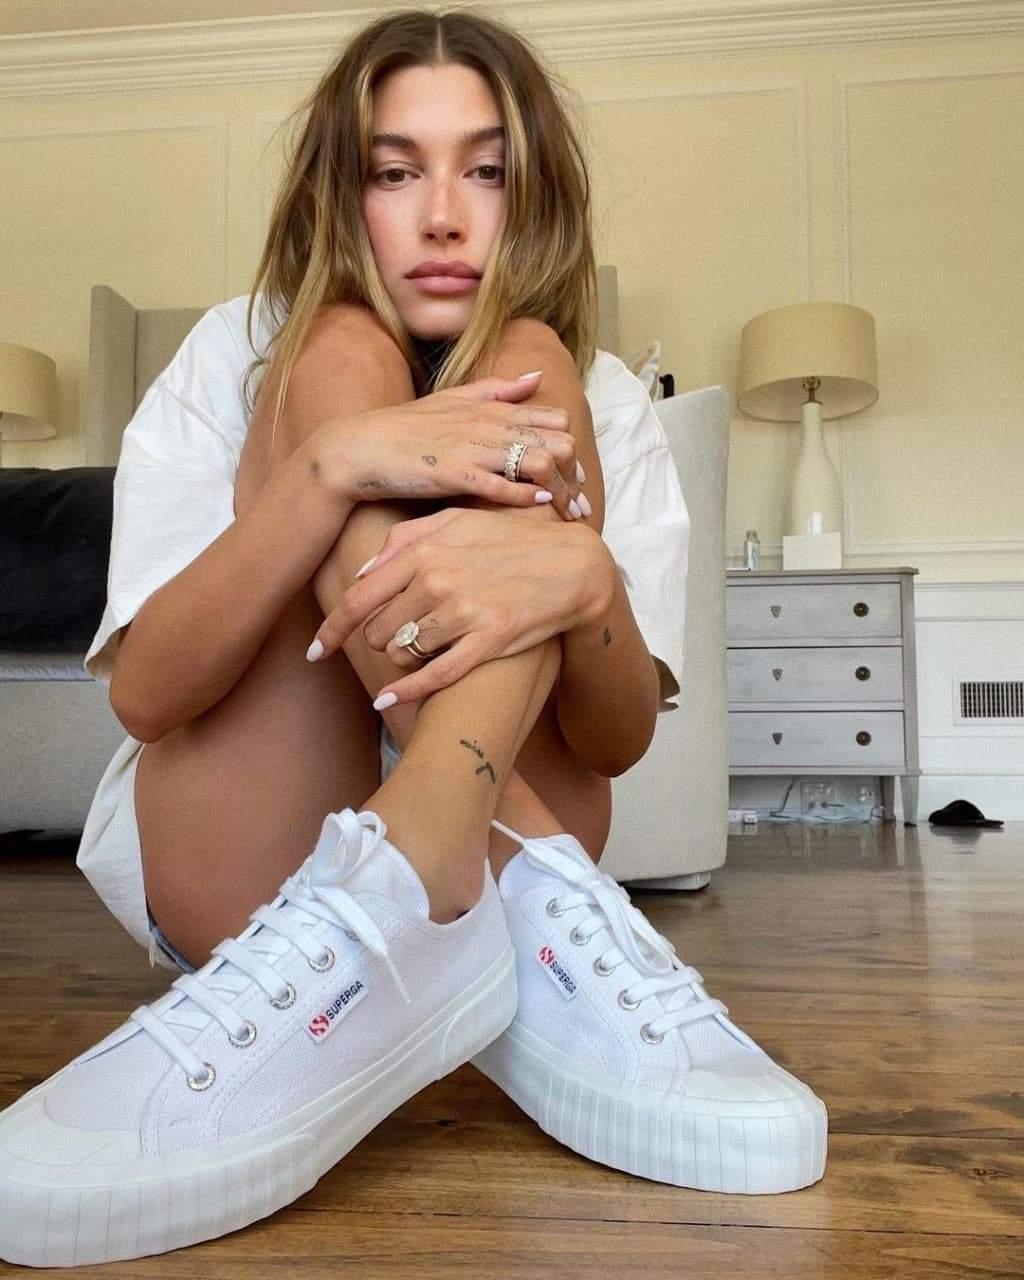 Гейлі Бібер показує модні білі кеди / Фото з інстаграму